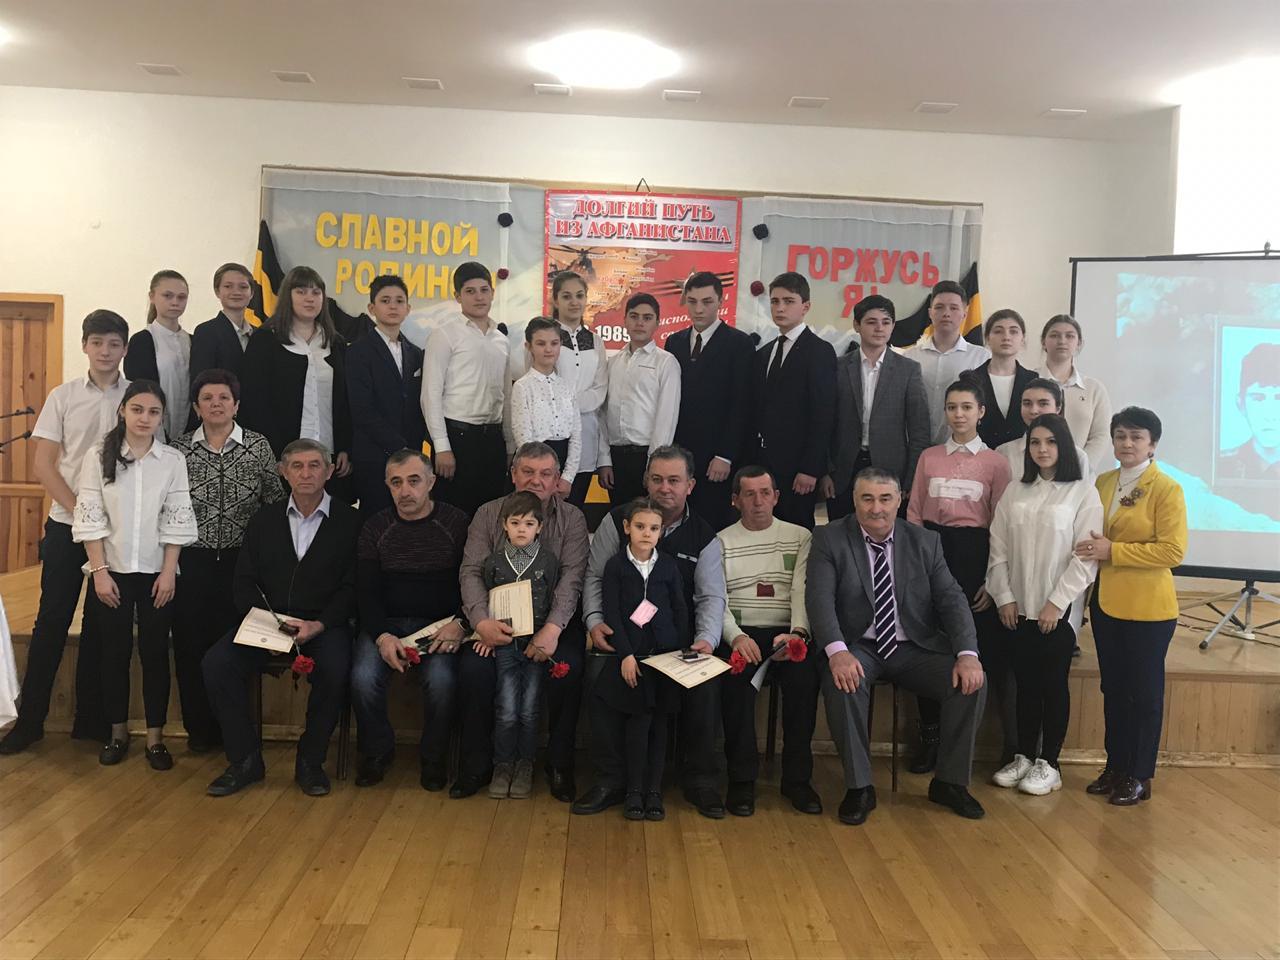 19 февраля 2019 года в МКОУ  «Гимназия №17» было проведено торжественное вручение медалей в честь 30-летия вывода советских войск из Афганистана воинам-интернационалистам.